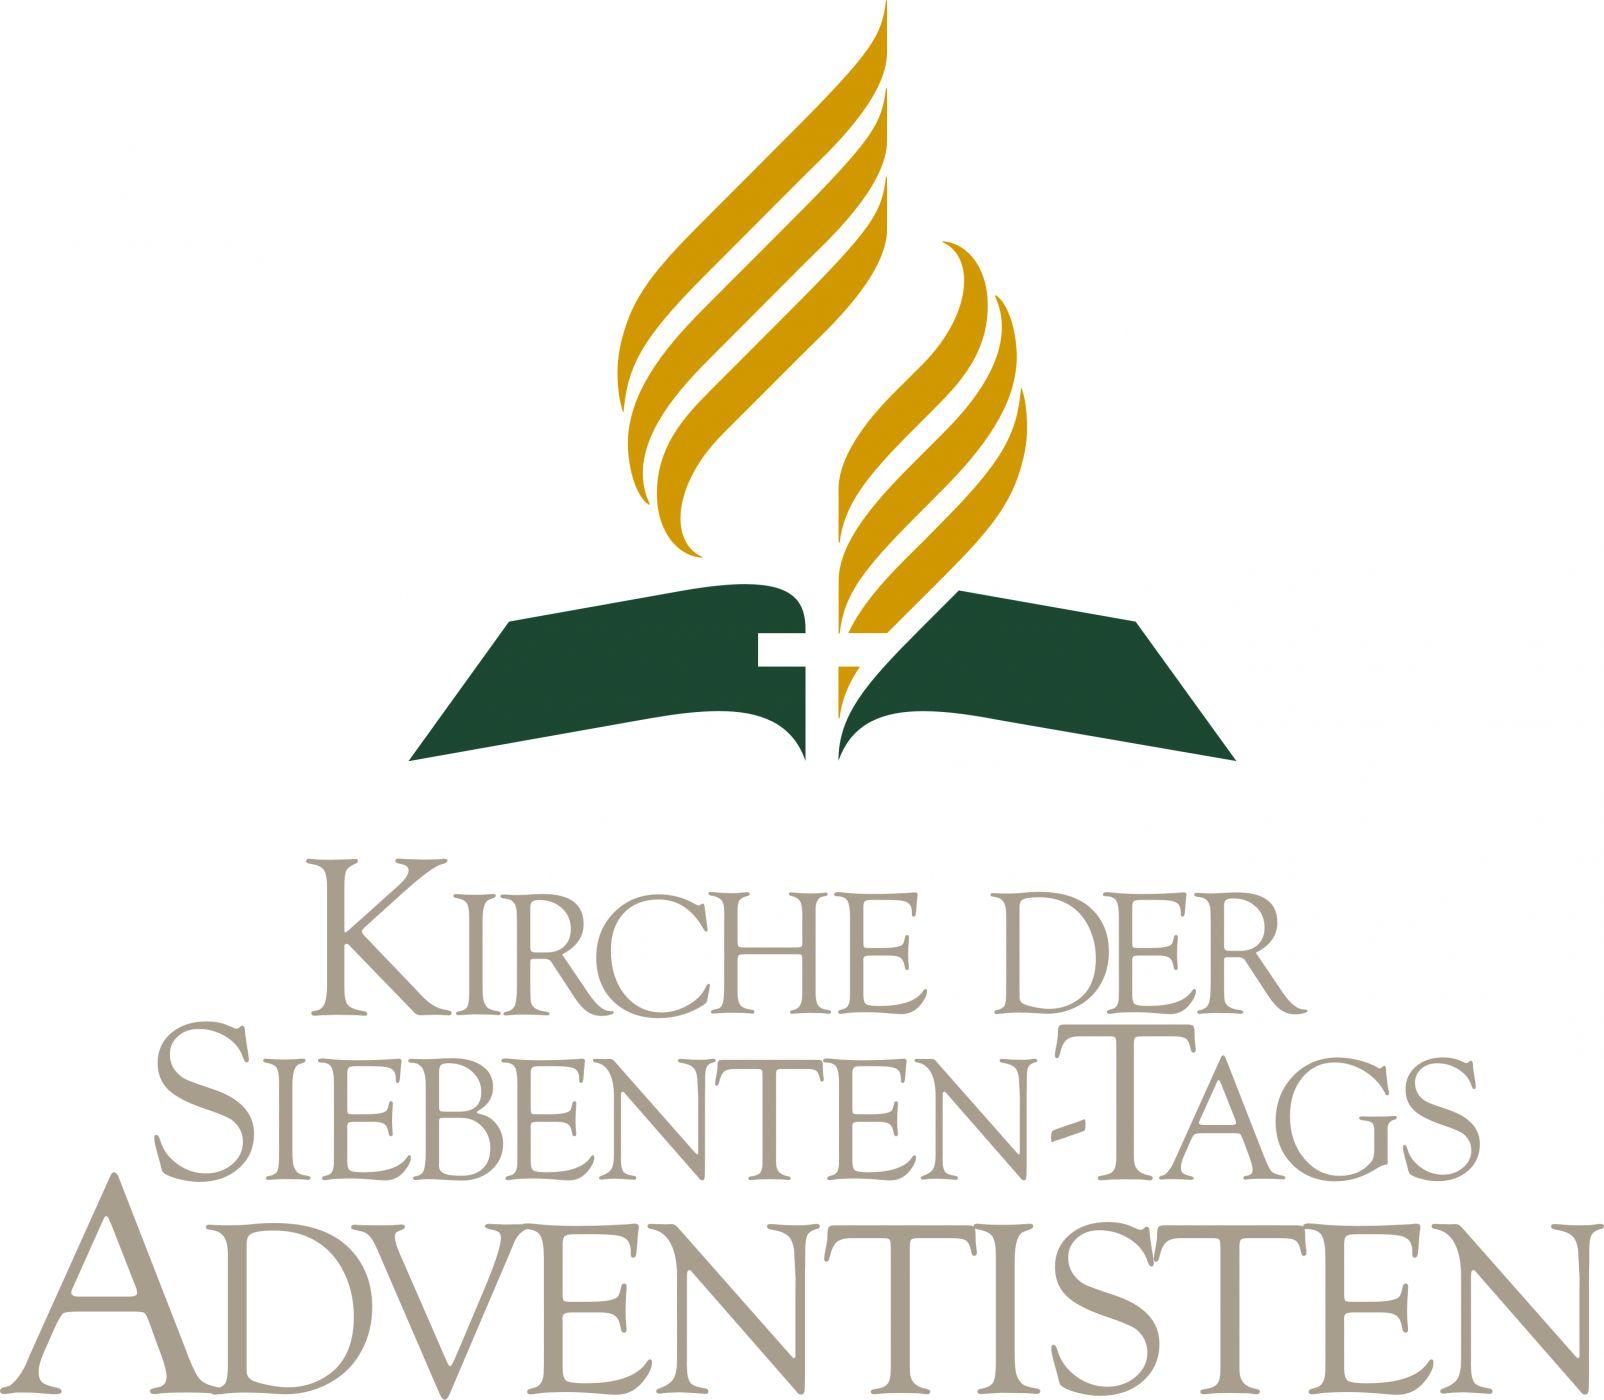 Siebenten-Tags-Adventisten